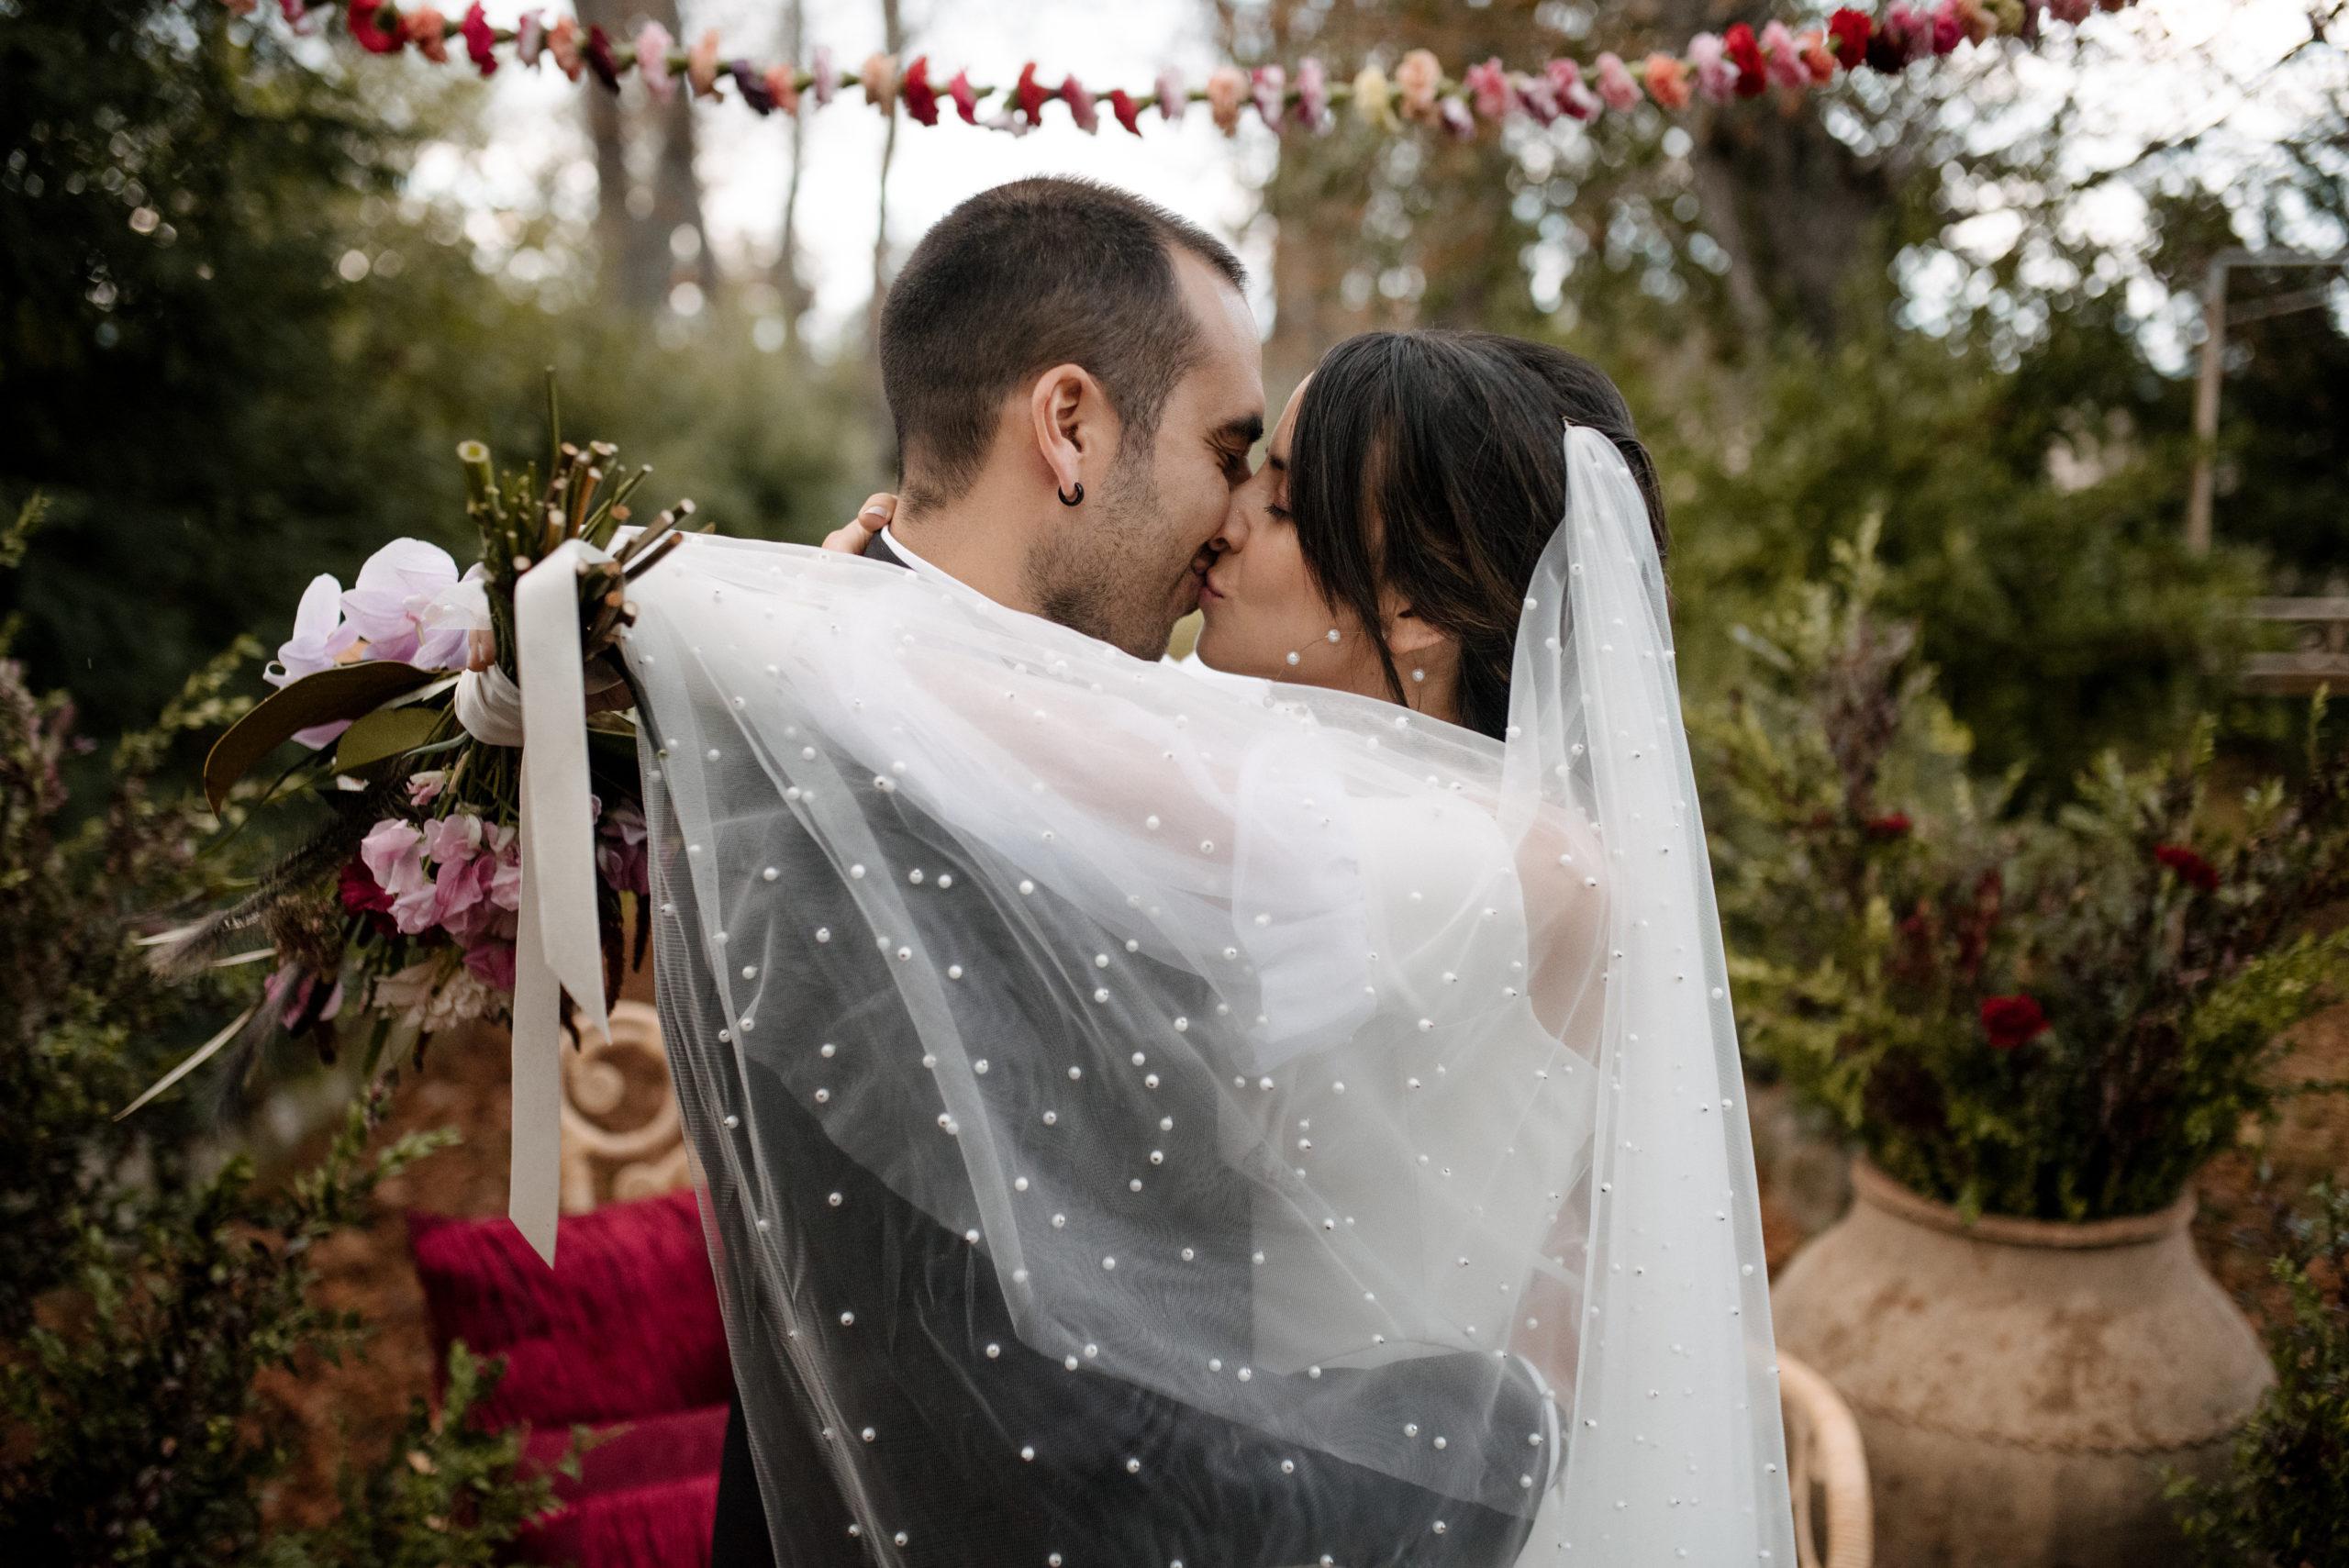 Novia besa al novio en la ceremonia nupcial